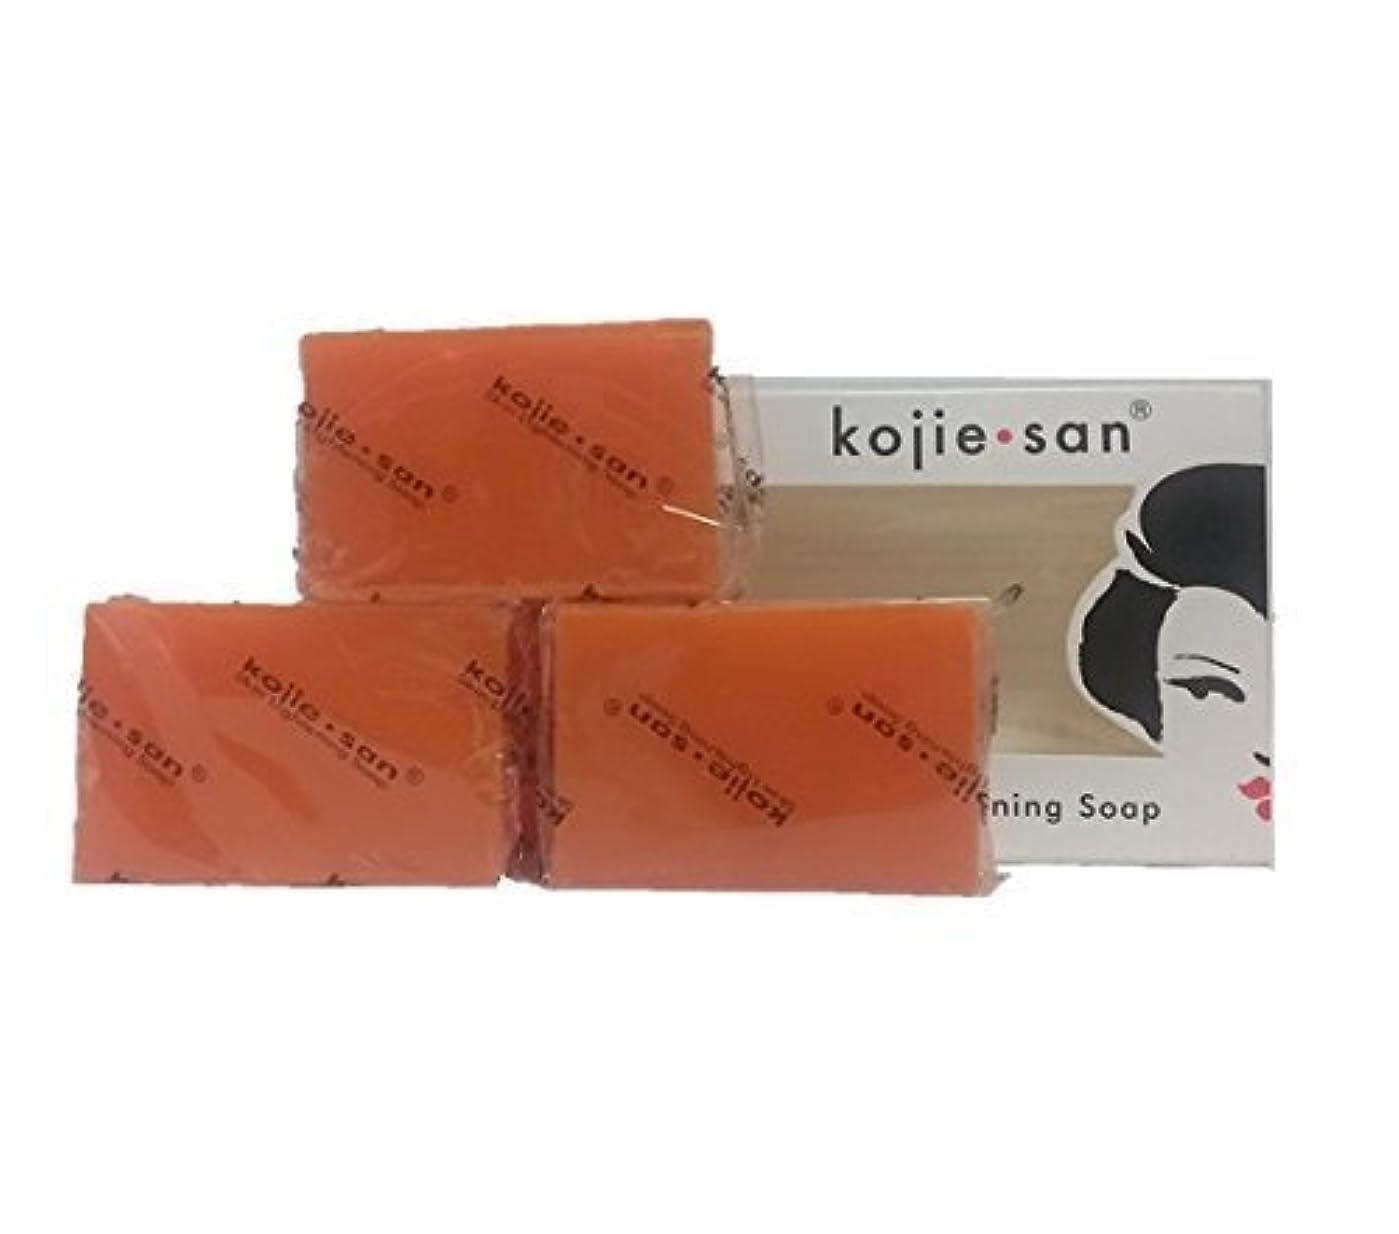 破壊する接続されたプレビューKojie san Skin Lightning Soap 3 pcs こじえさんスキンライトニングソープ3個パック [並行輸入品]